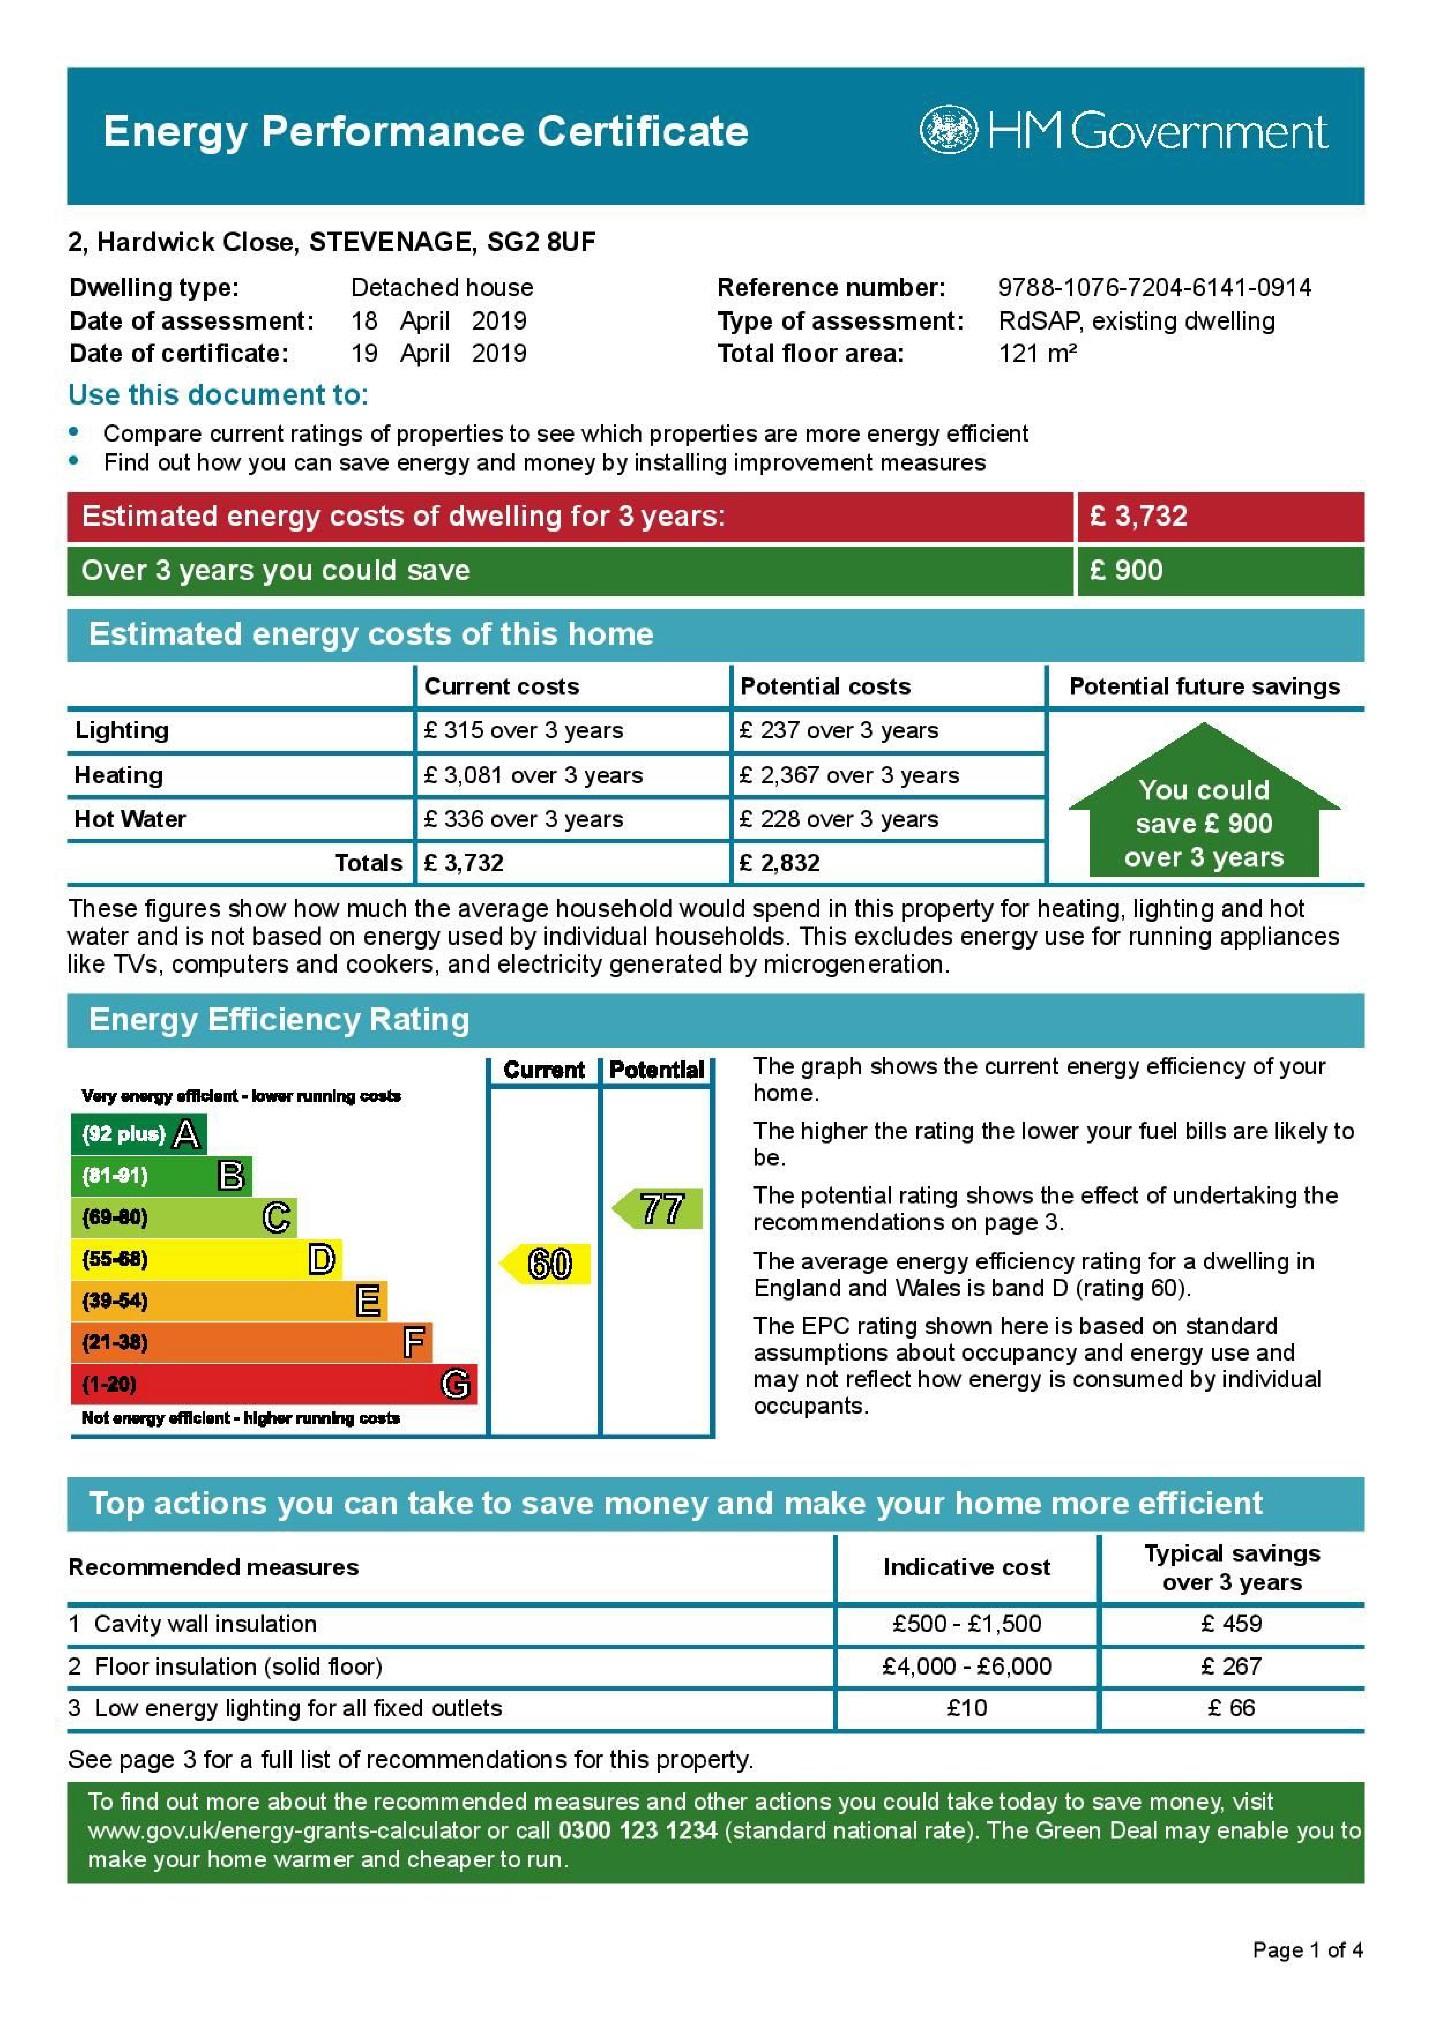 EPC Graph for Hardwick Close, Bragbury End, SG2 8UF